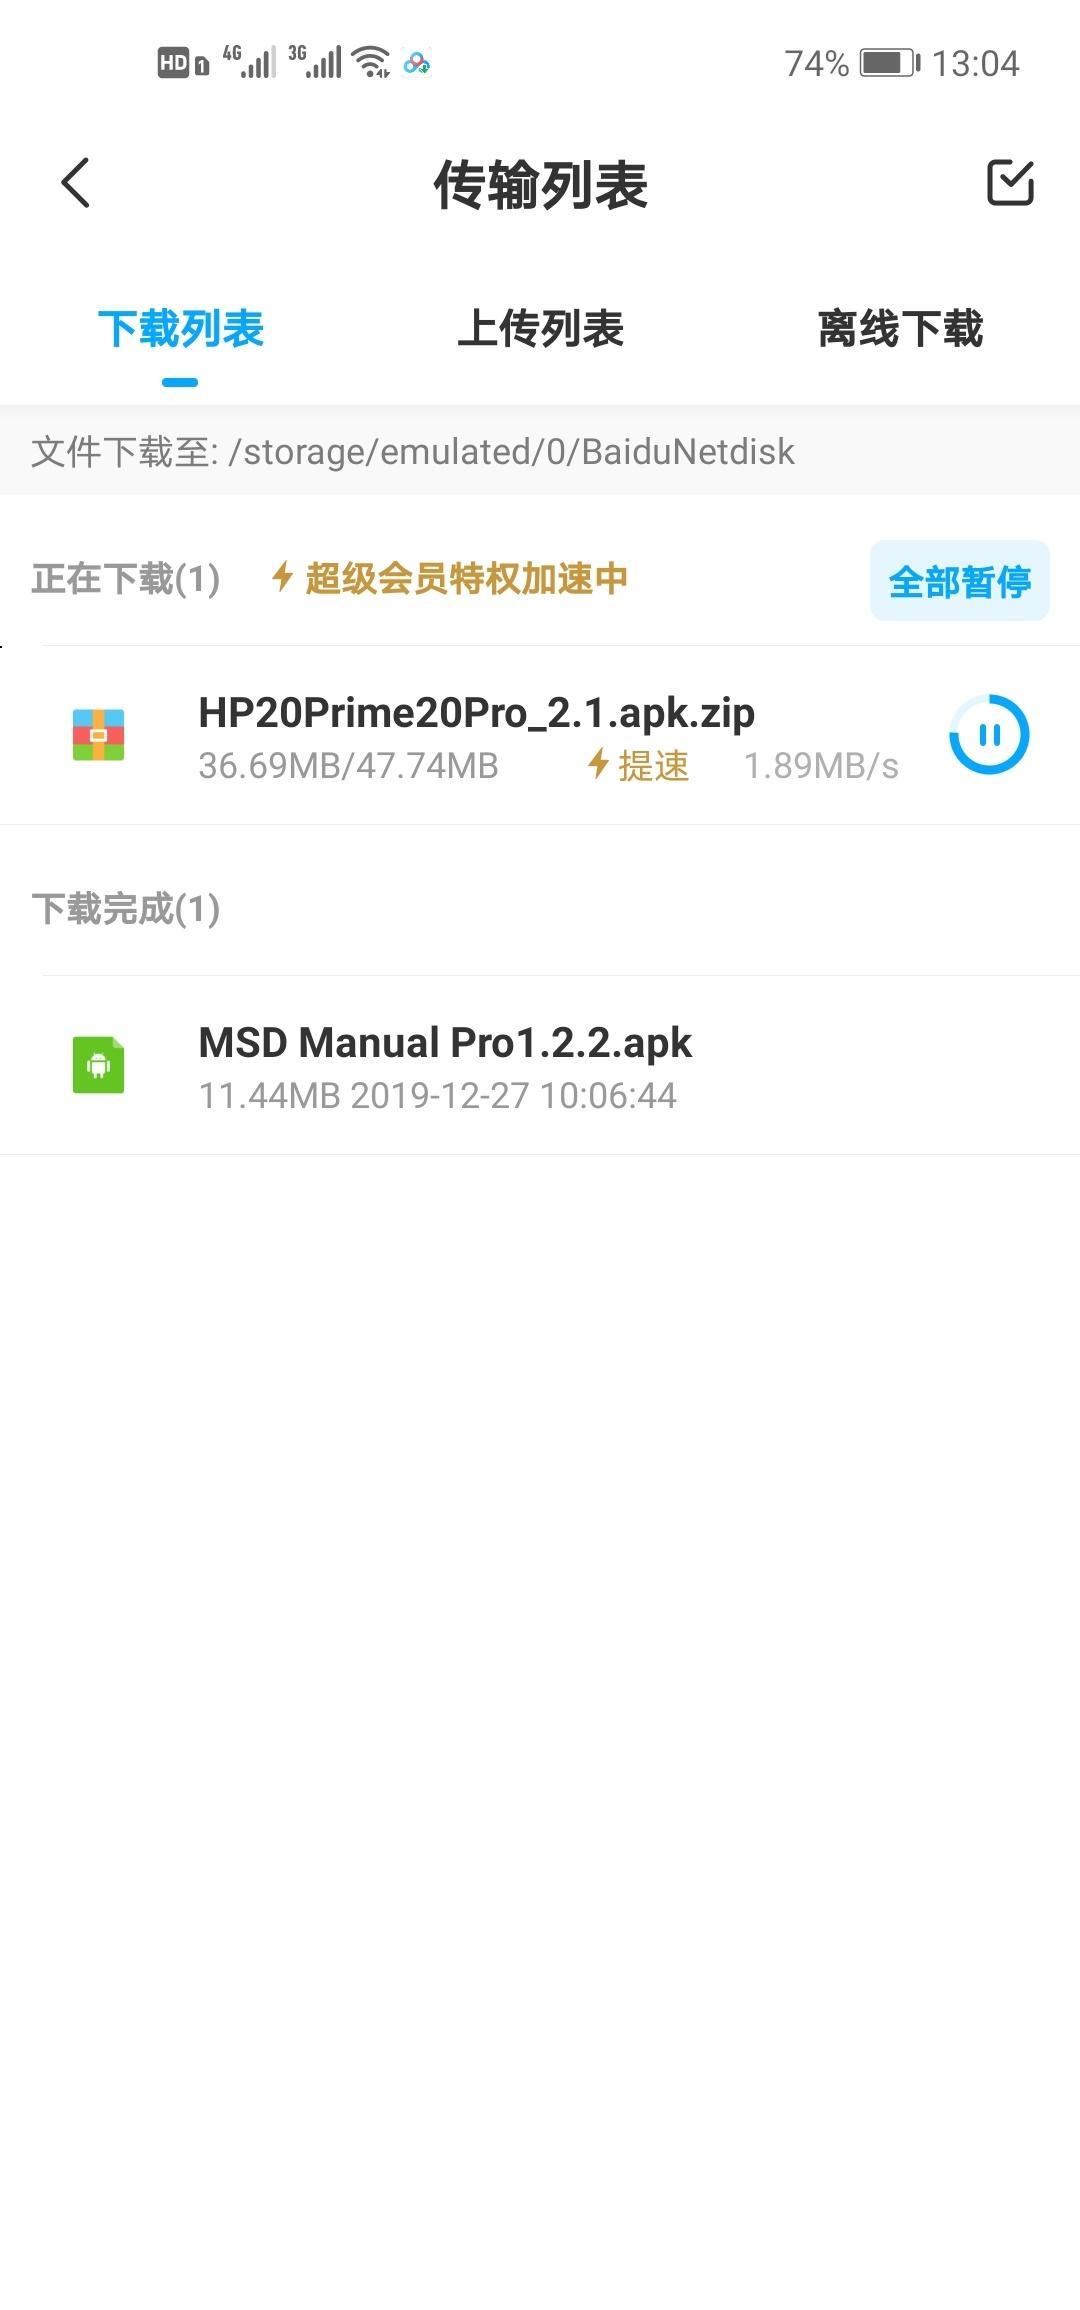 百度网盘v7重制版/下载提速